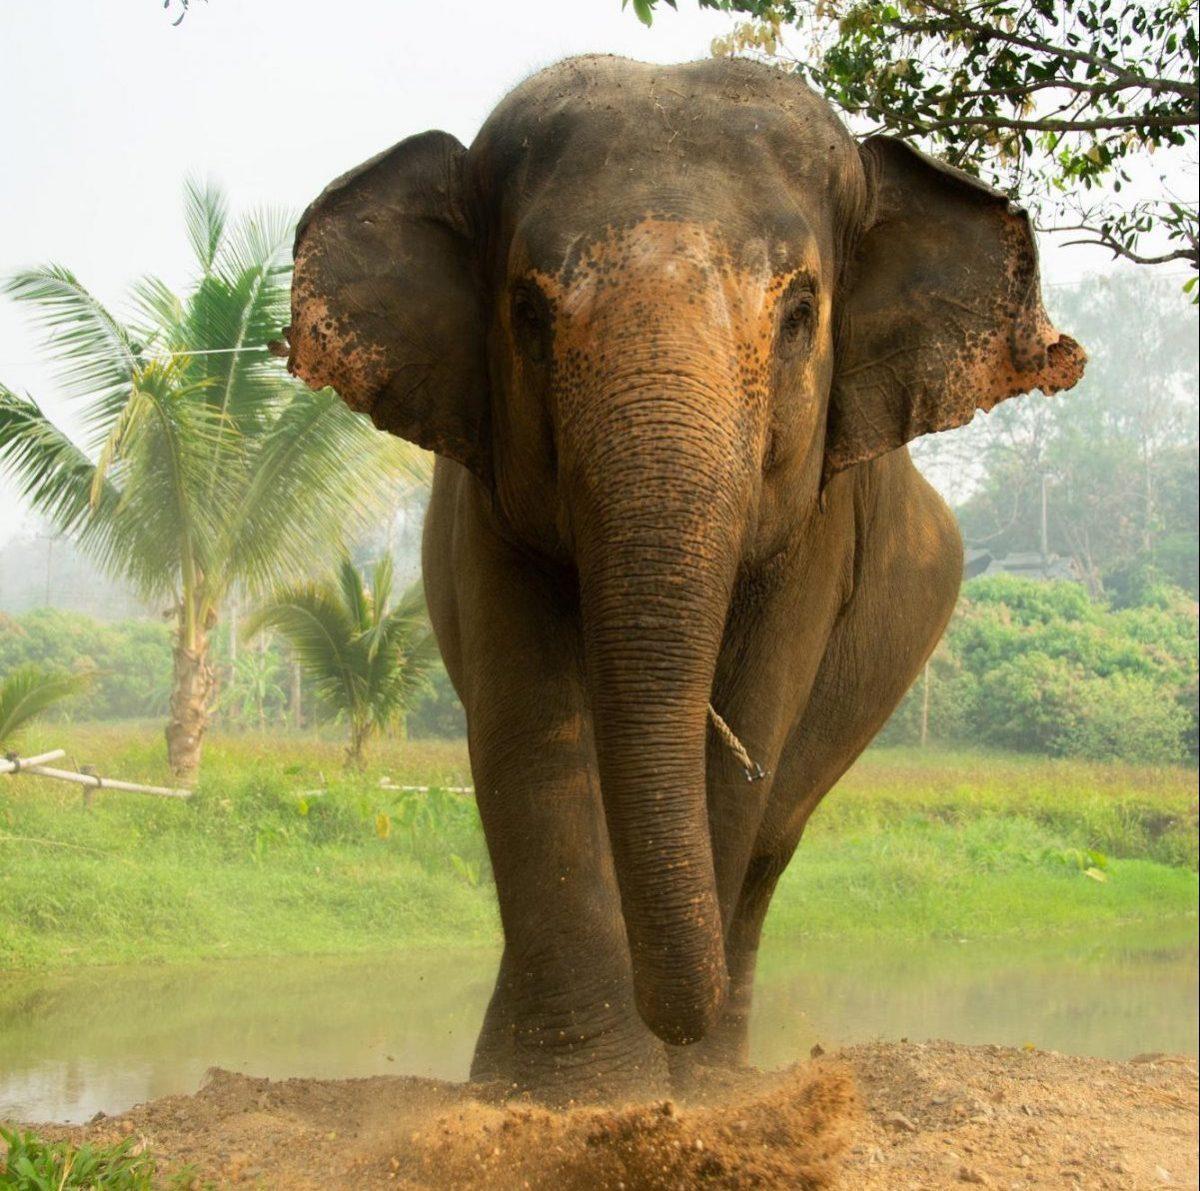 an elephant roaming the Elephant Steps freely